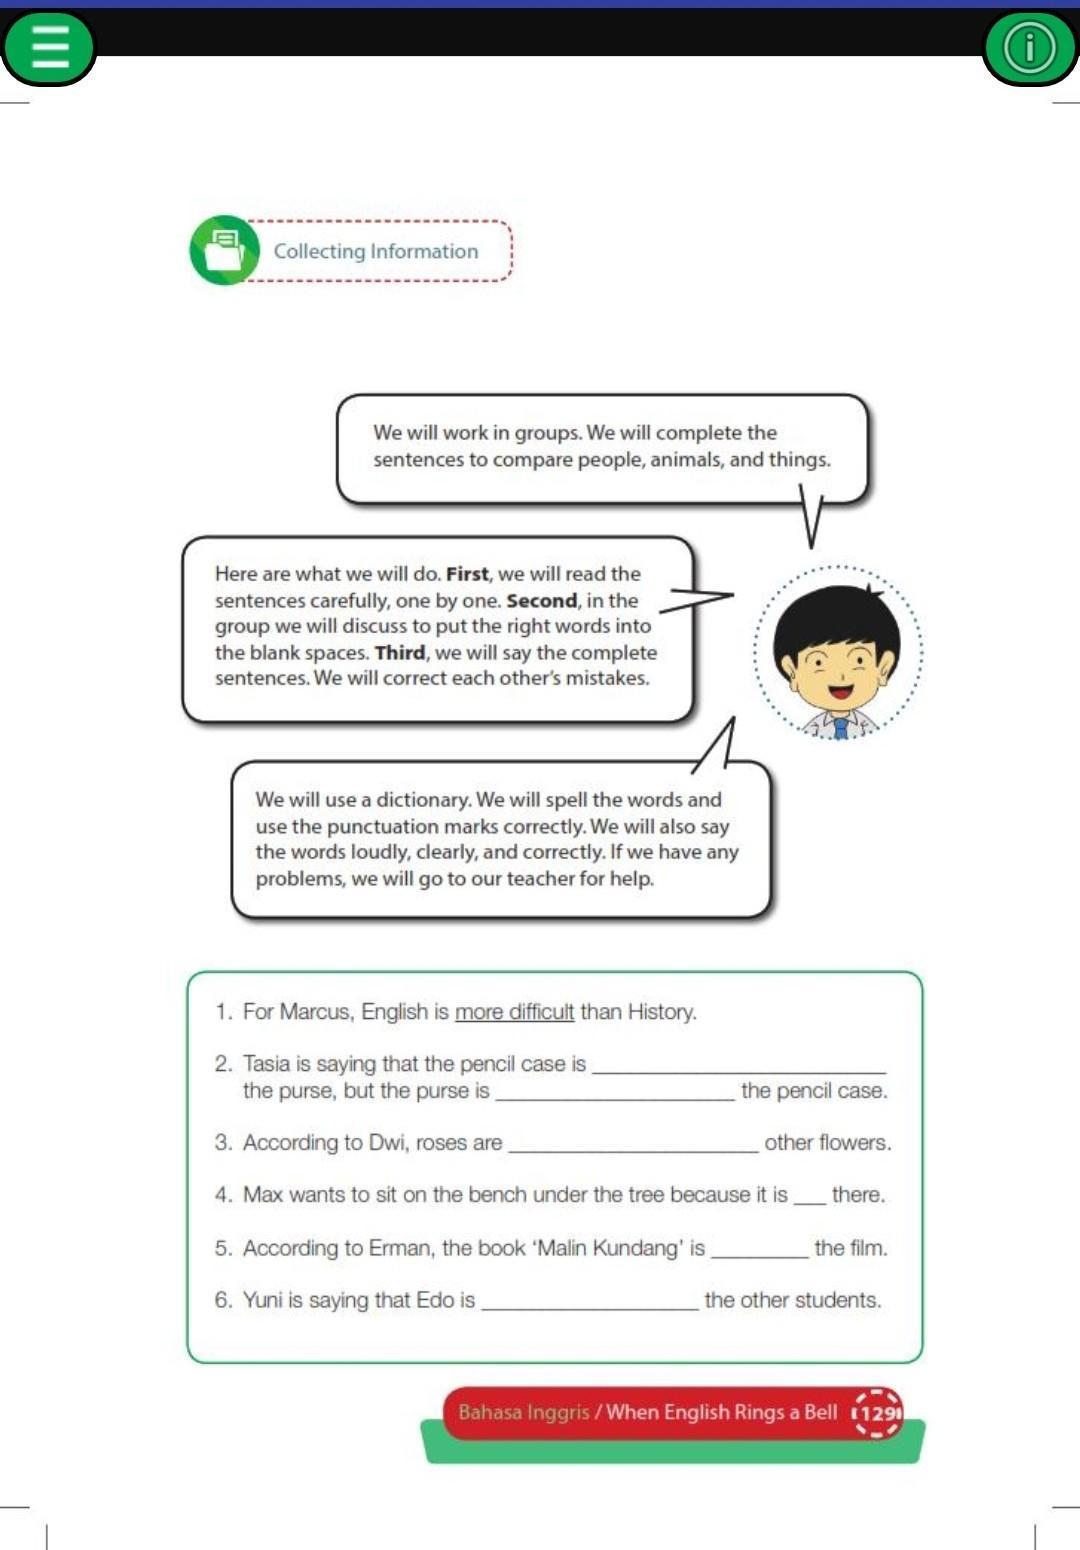 Kunci Jawaban Buku Bahasa Inggris Kelas 8 K13 Halaman 129 Brainly Co Id